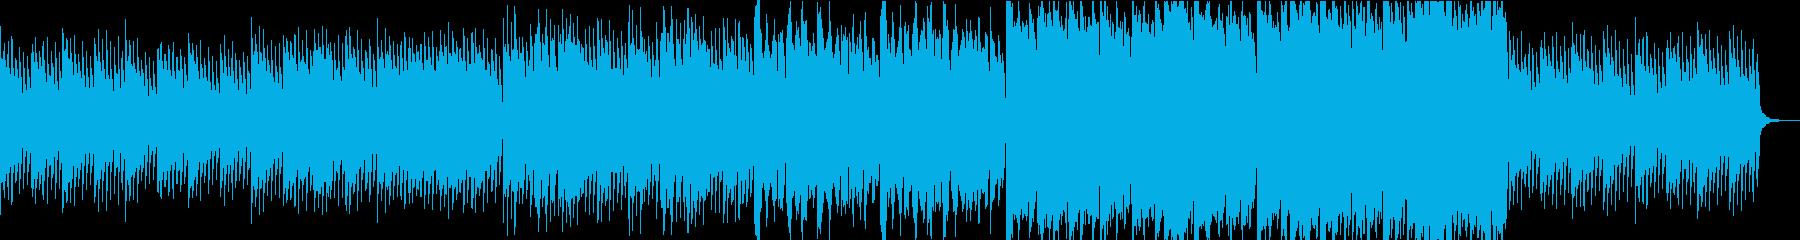 神秘的なヴァイオリンの入った曲の再生済みの波形